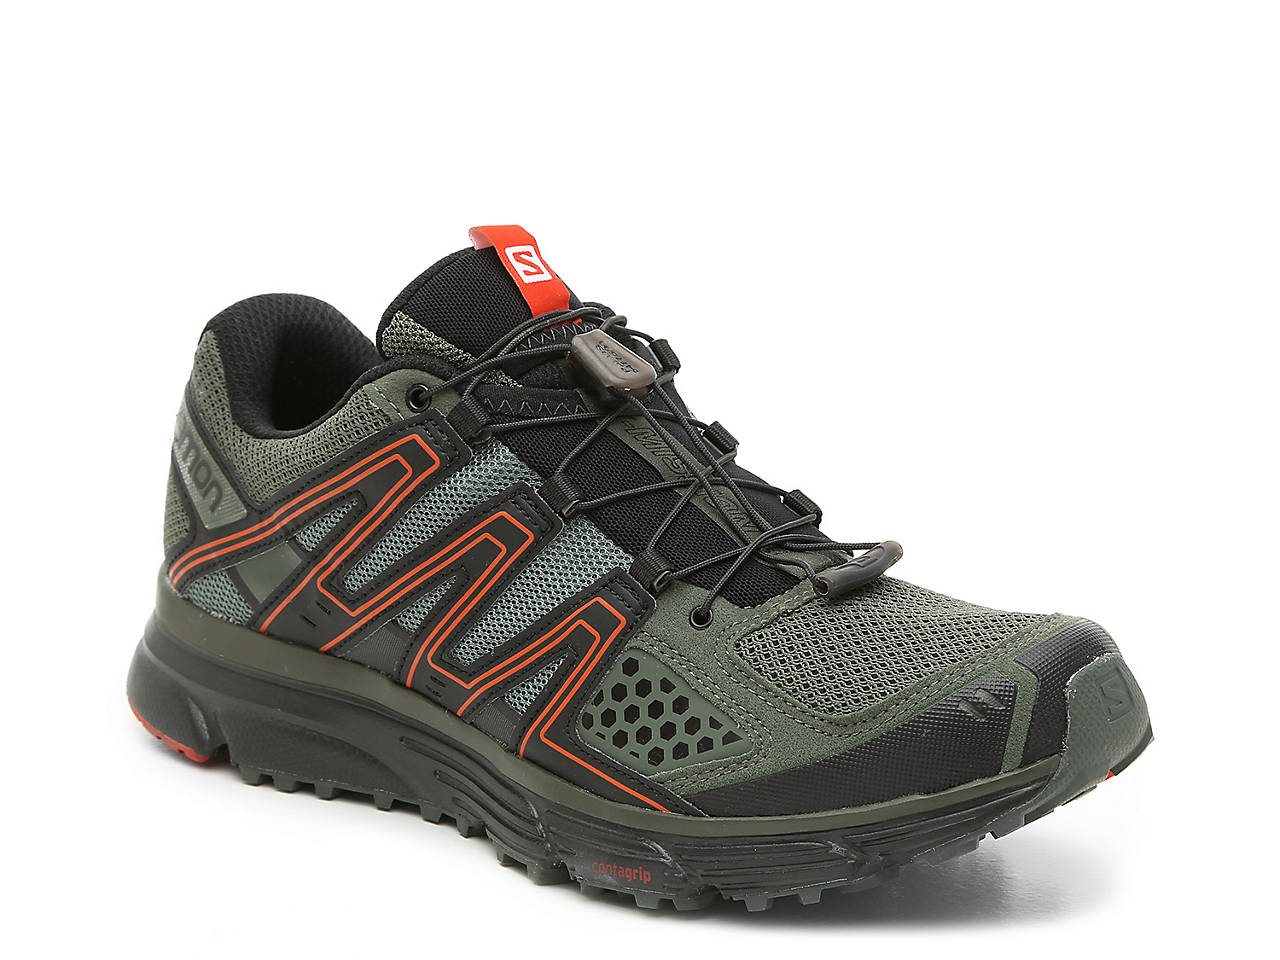 a15b98c9ec8 X-Mission 3 Hiking Shoe